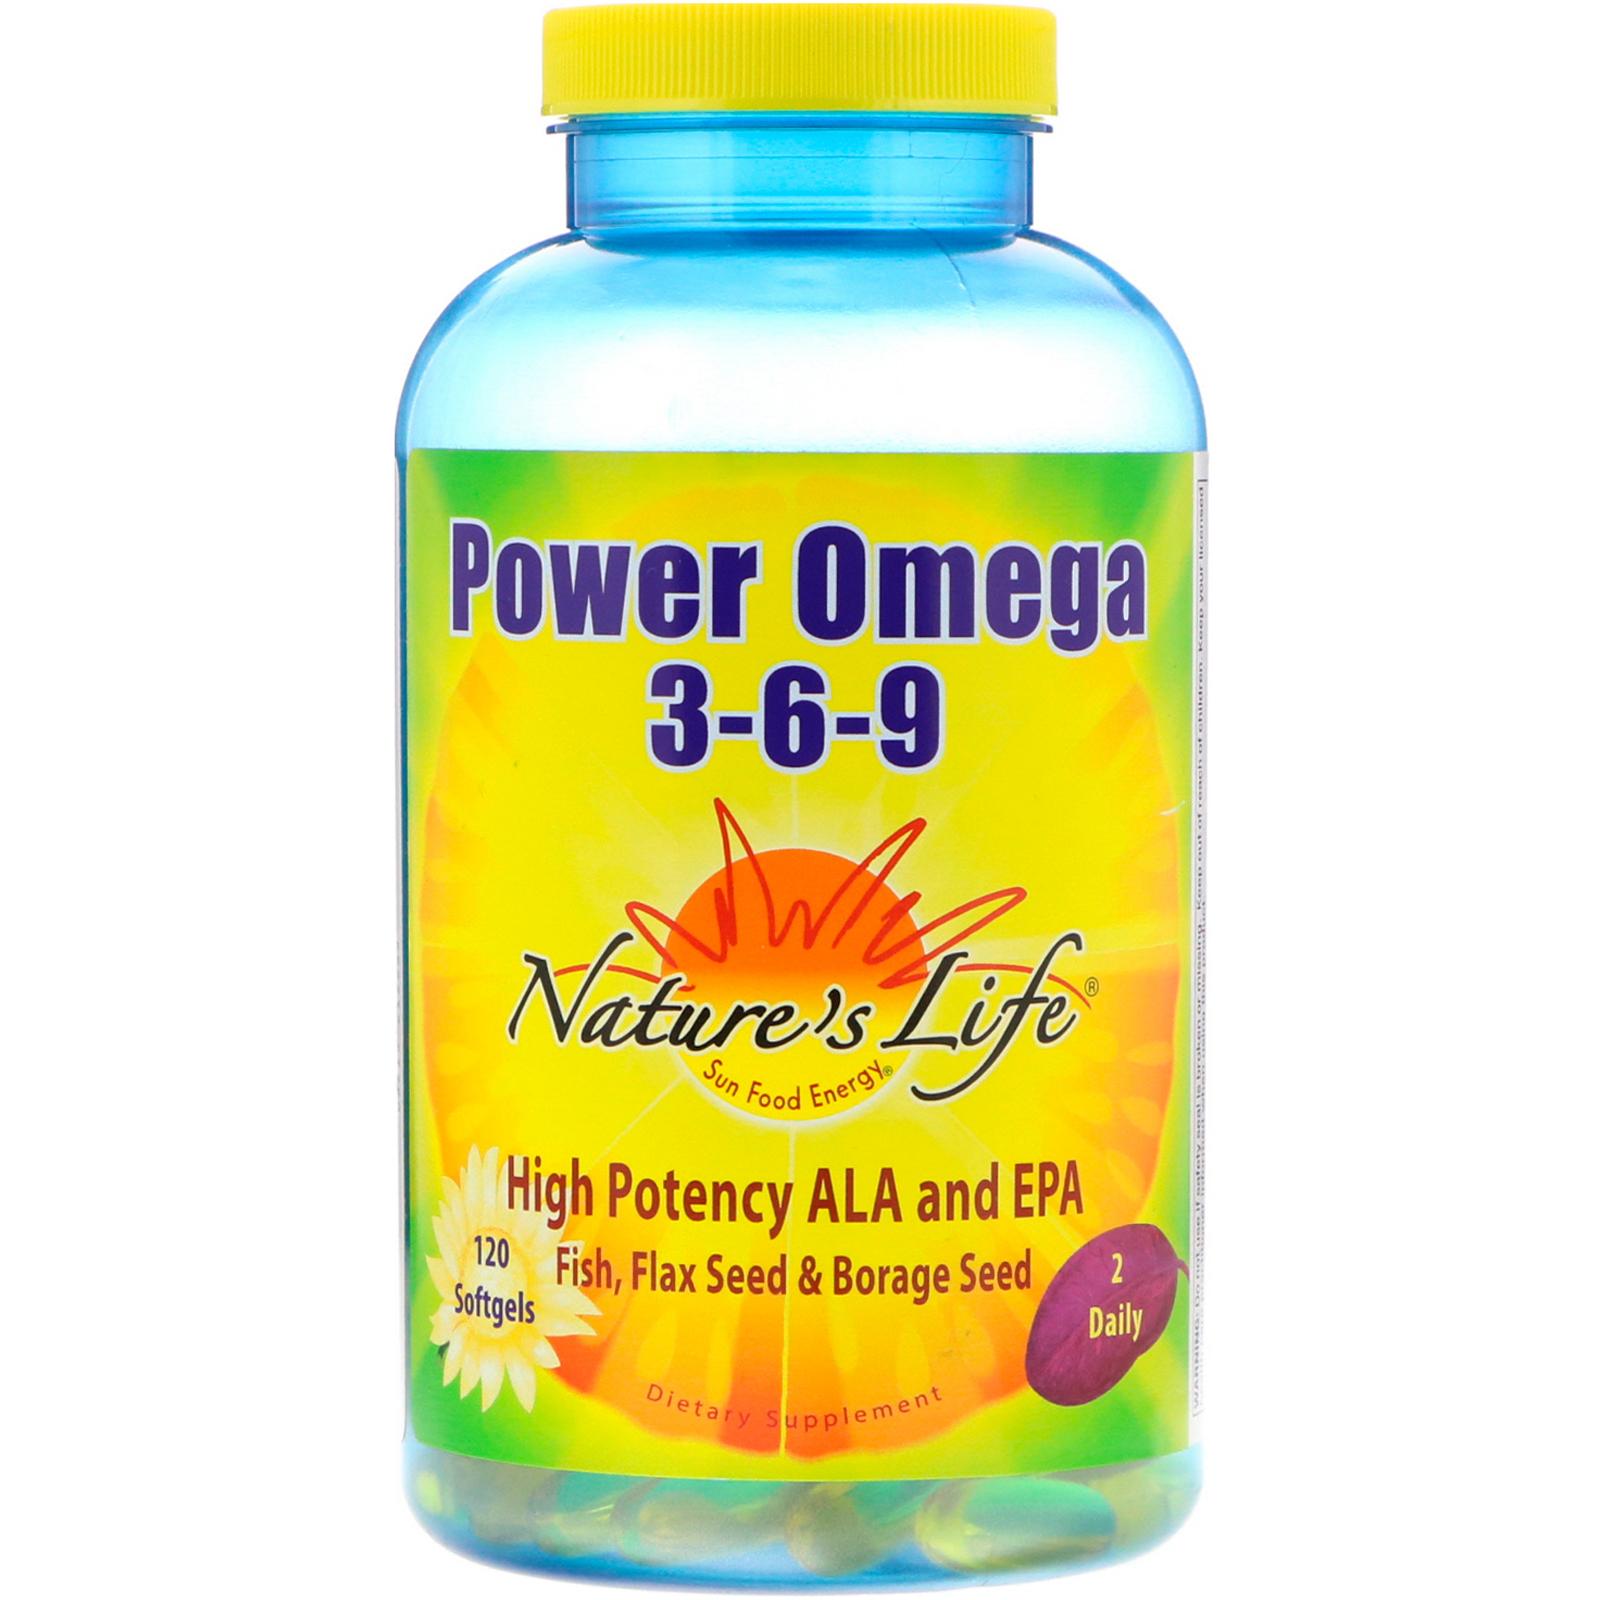 Nature S Life Power Omega 3 6 9 120 Softgels Lipo Natural